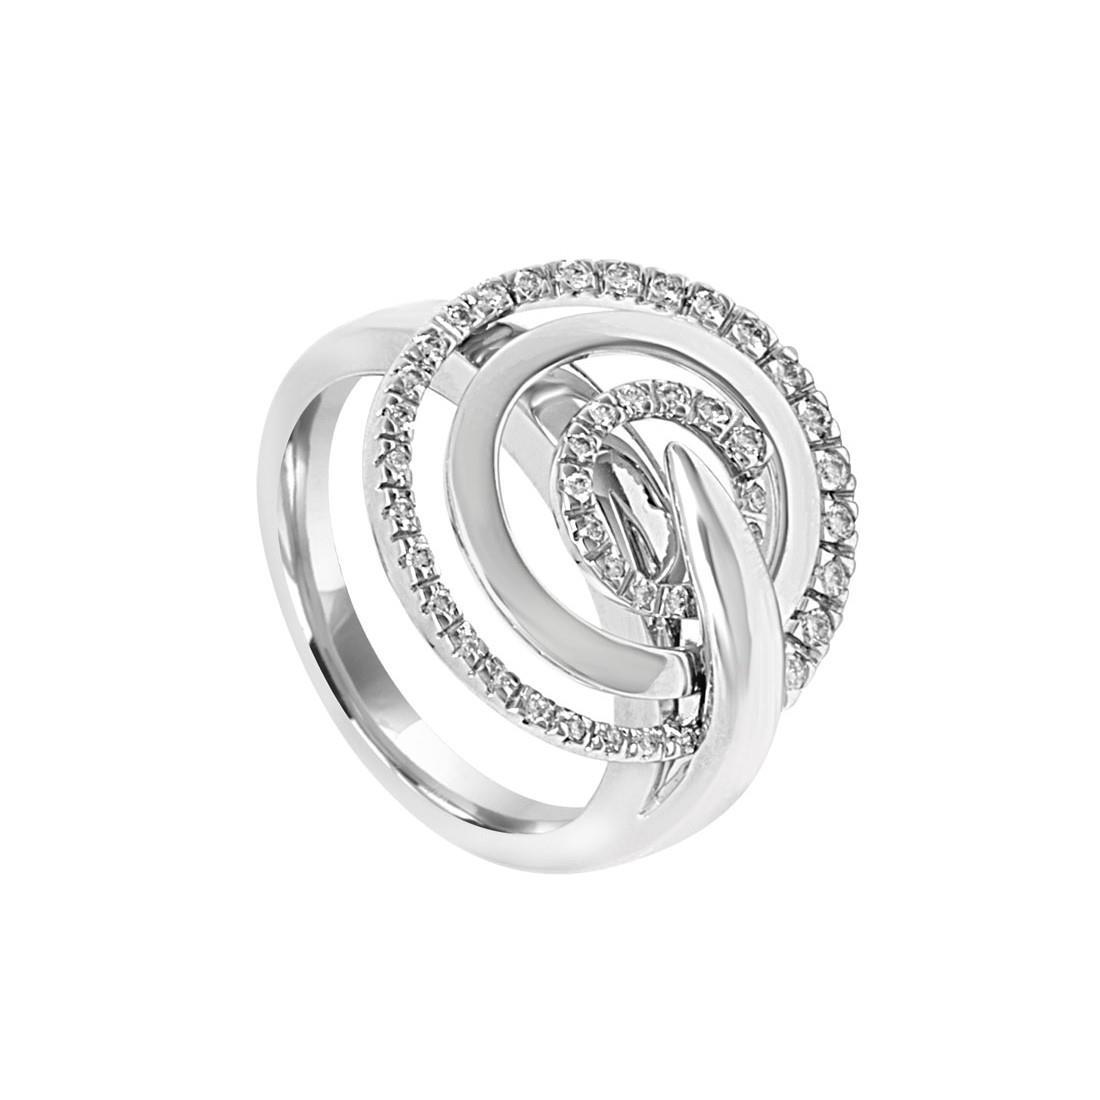 Anello in oro bianco con diamanti ct 0.28, misura 15 - SALVINI